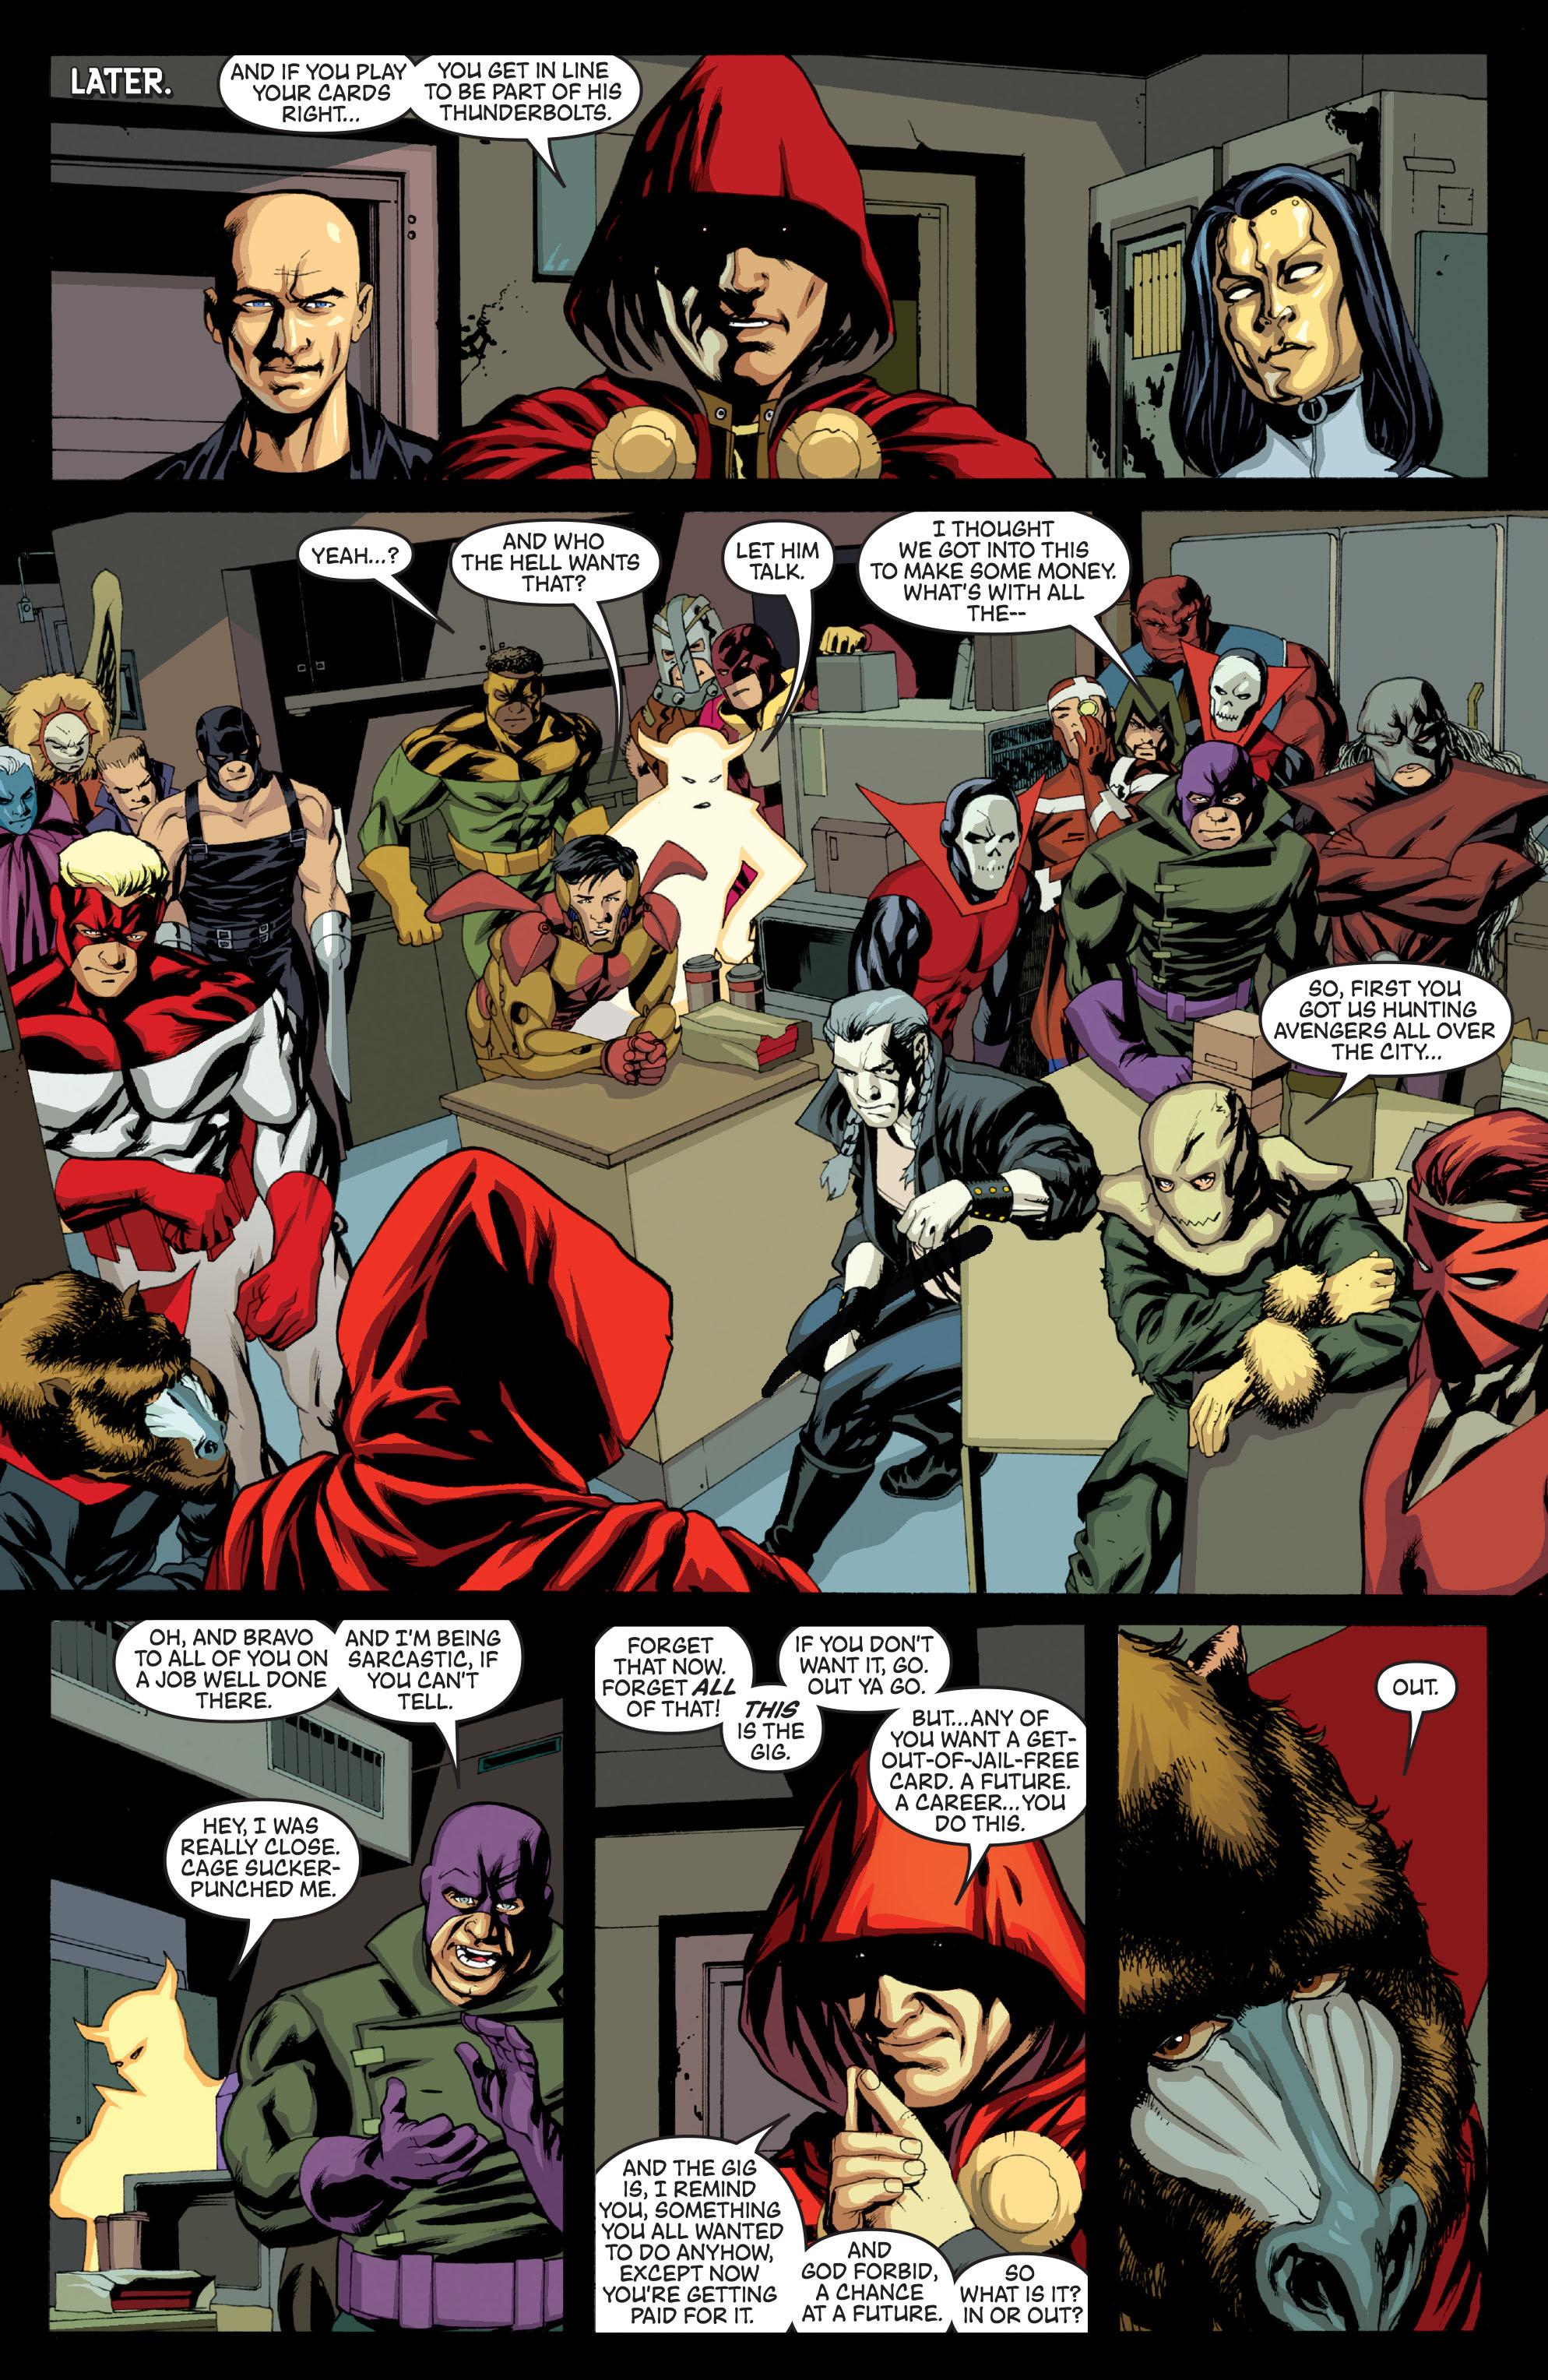 New Avengers (2005) chap 64 pic 7